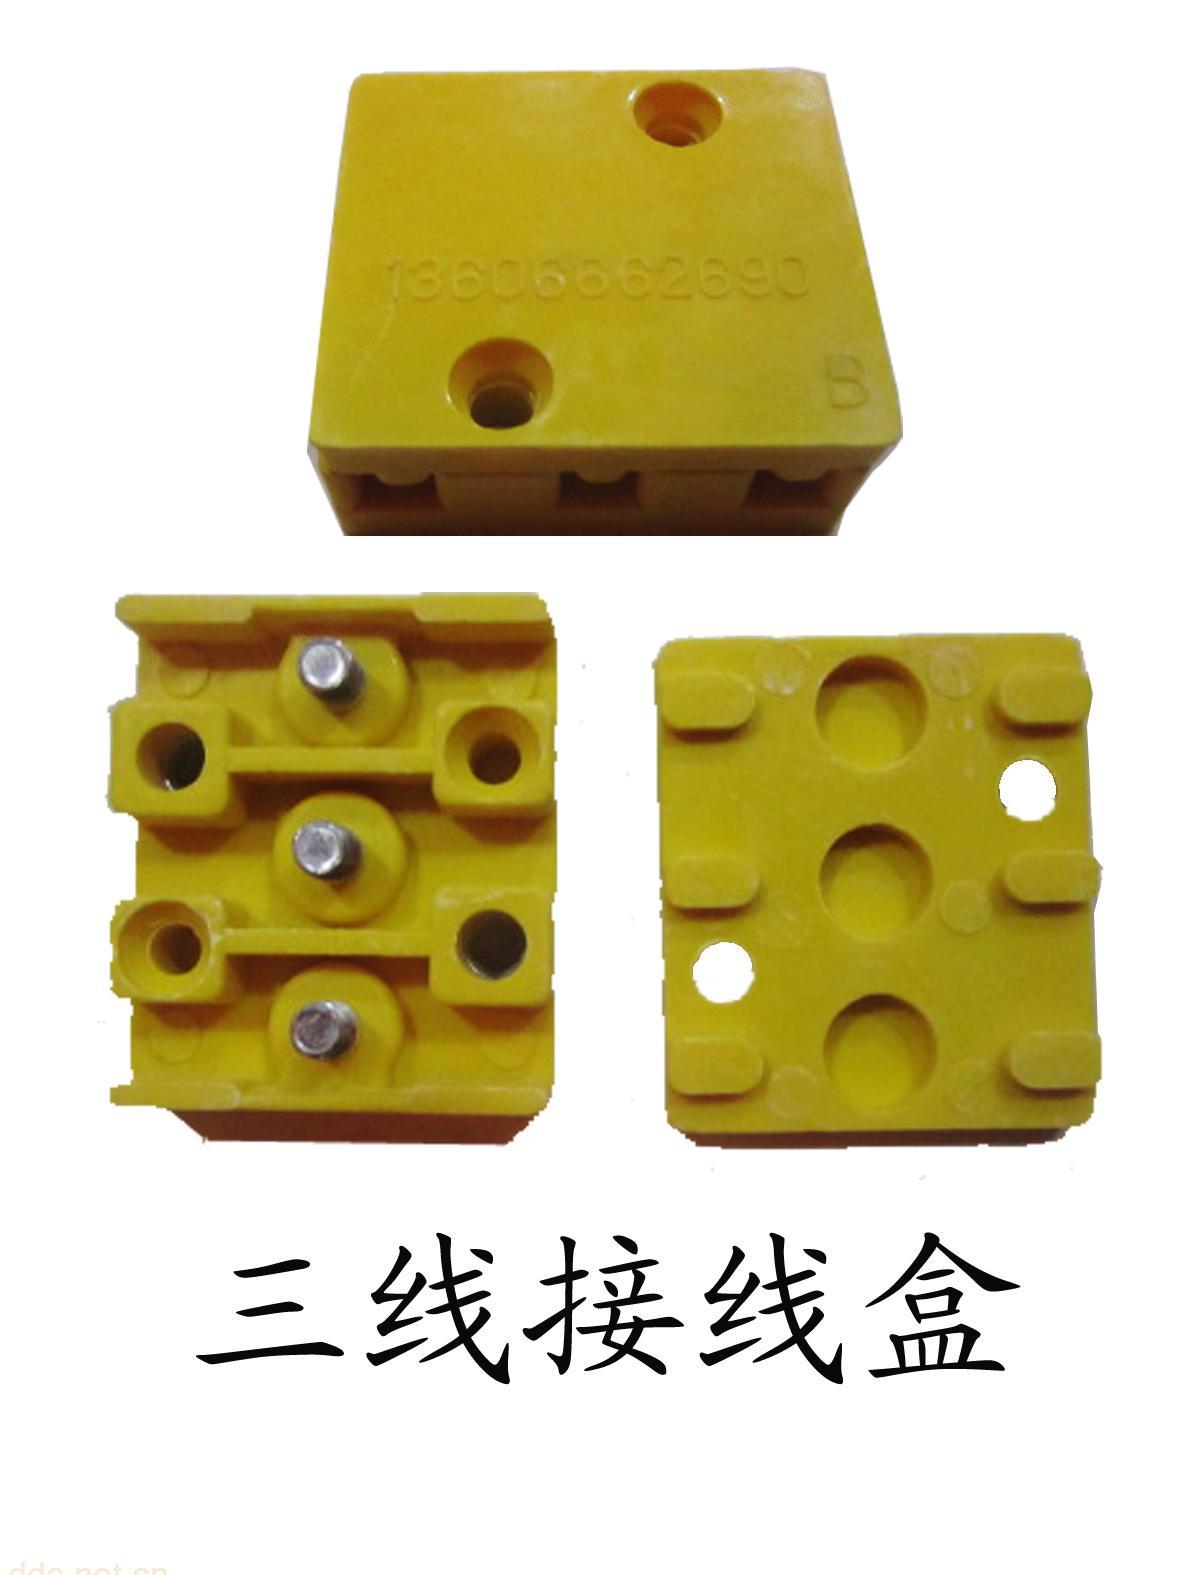 电动车接线盒(三线)——台州市胶木电器厂